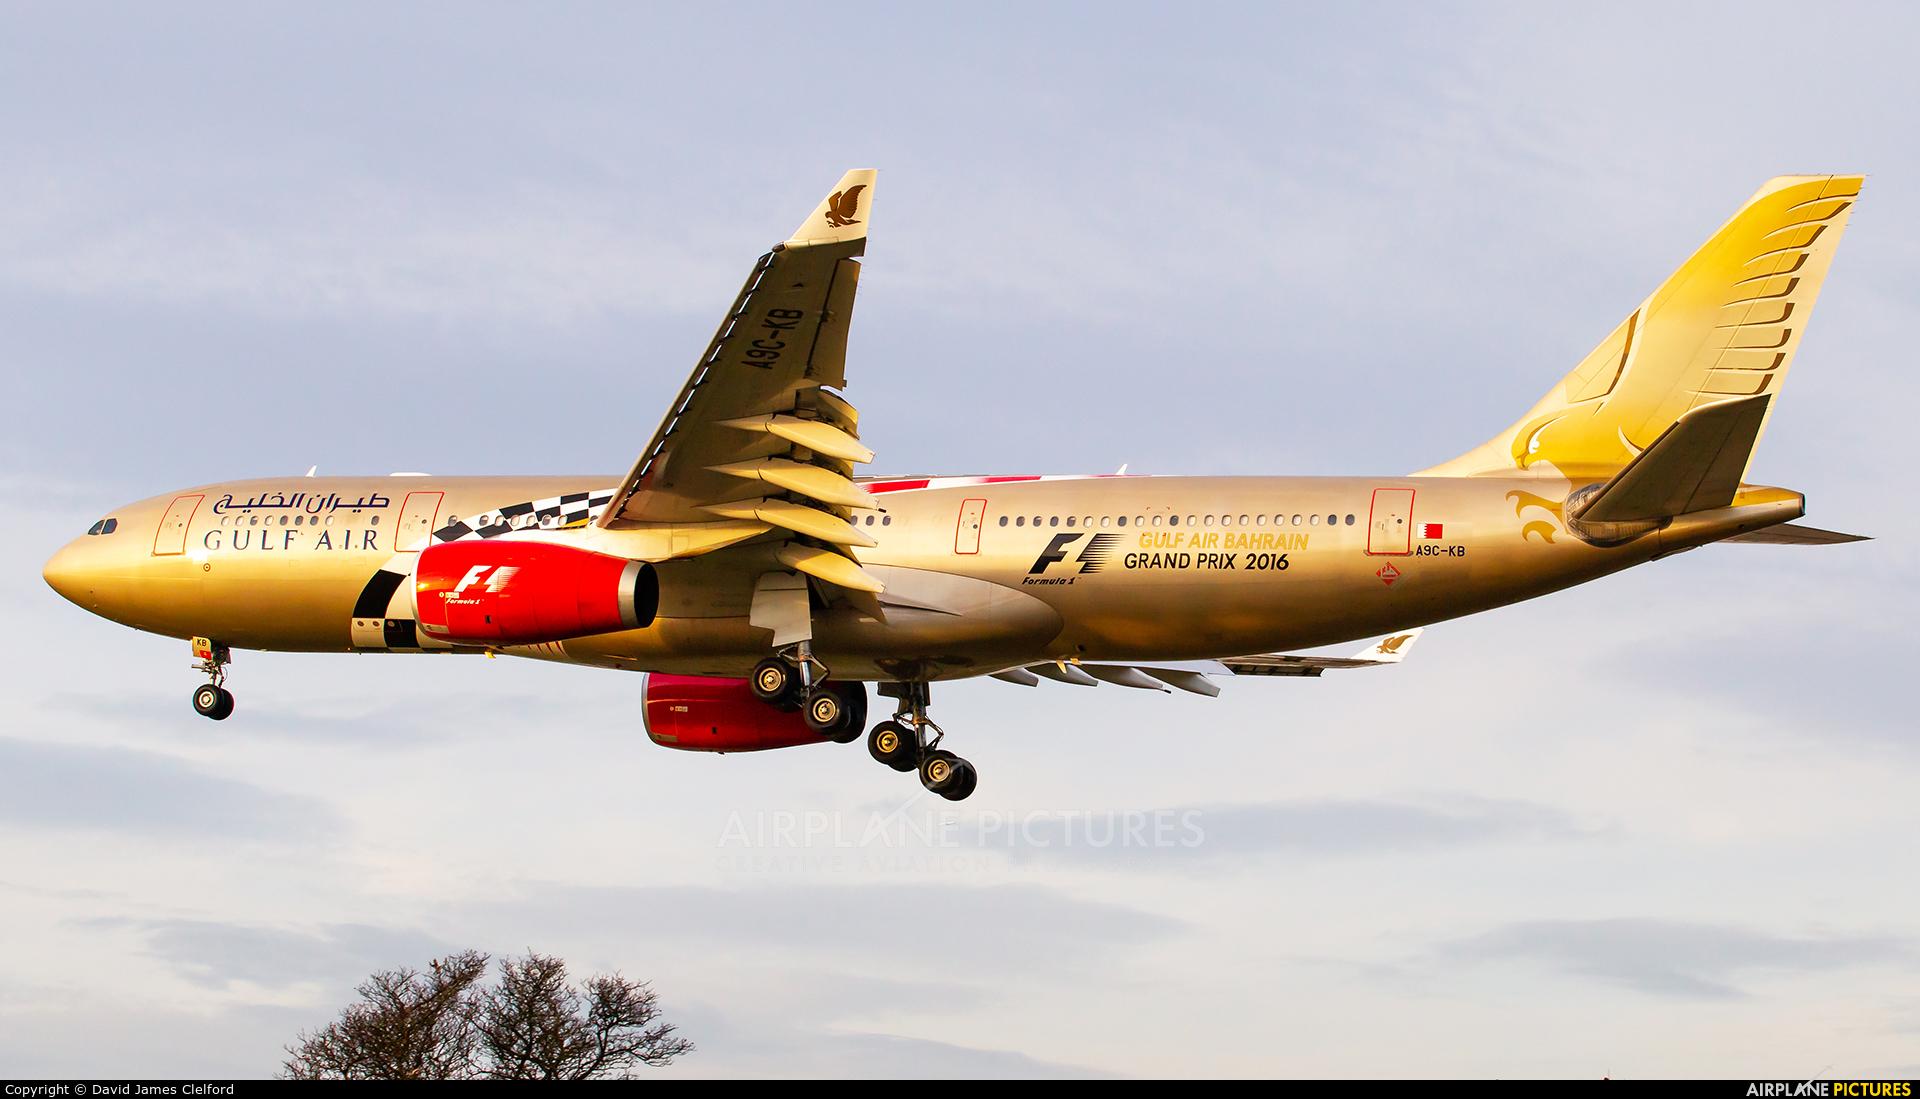 Gulf Air A9C-KB aircraft at London - Heathrow